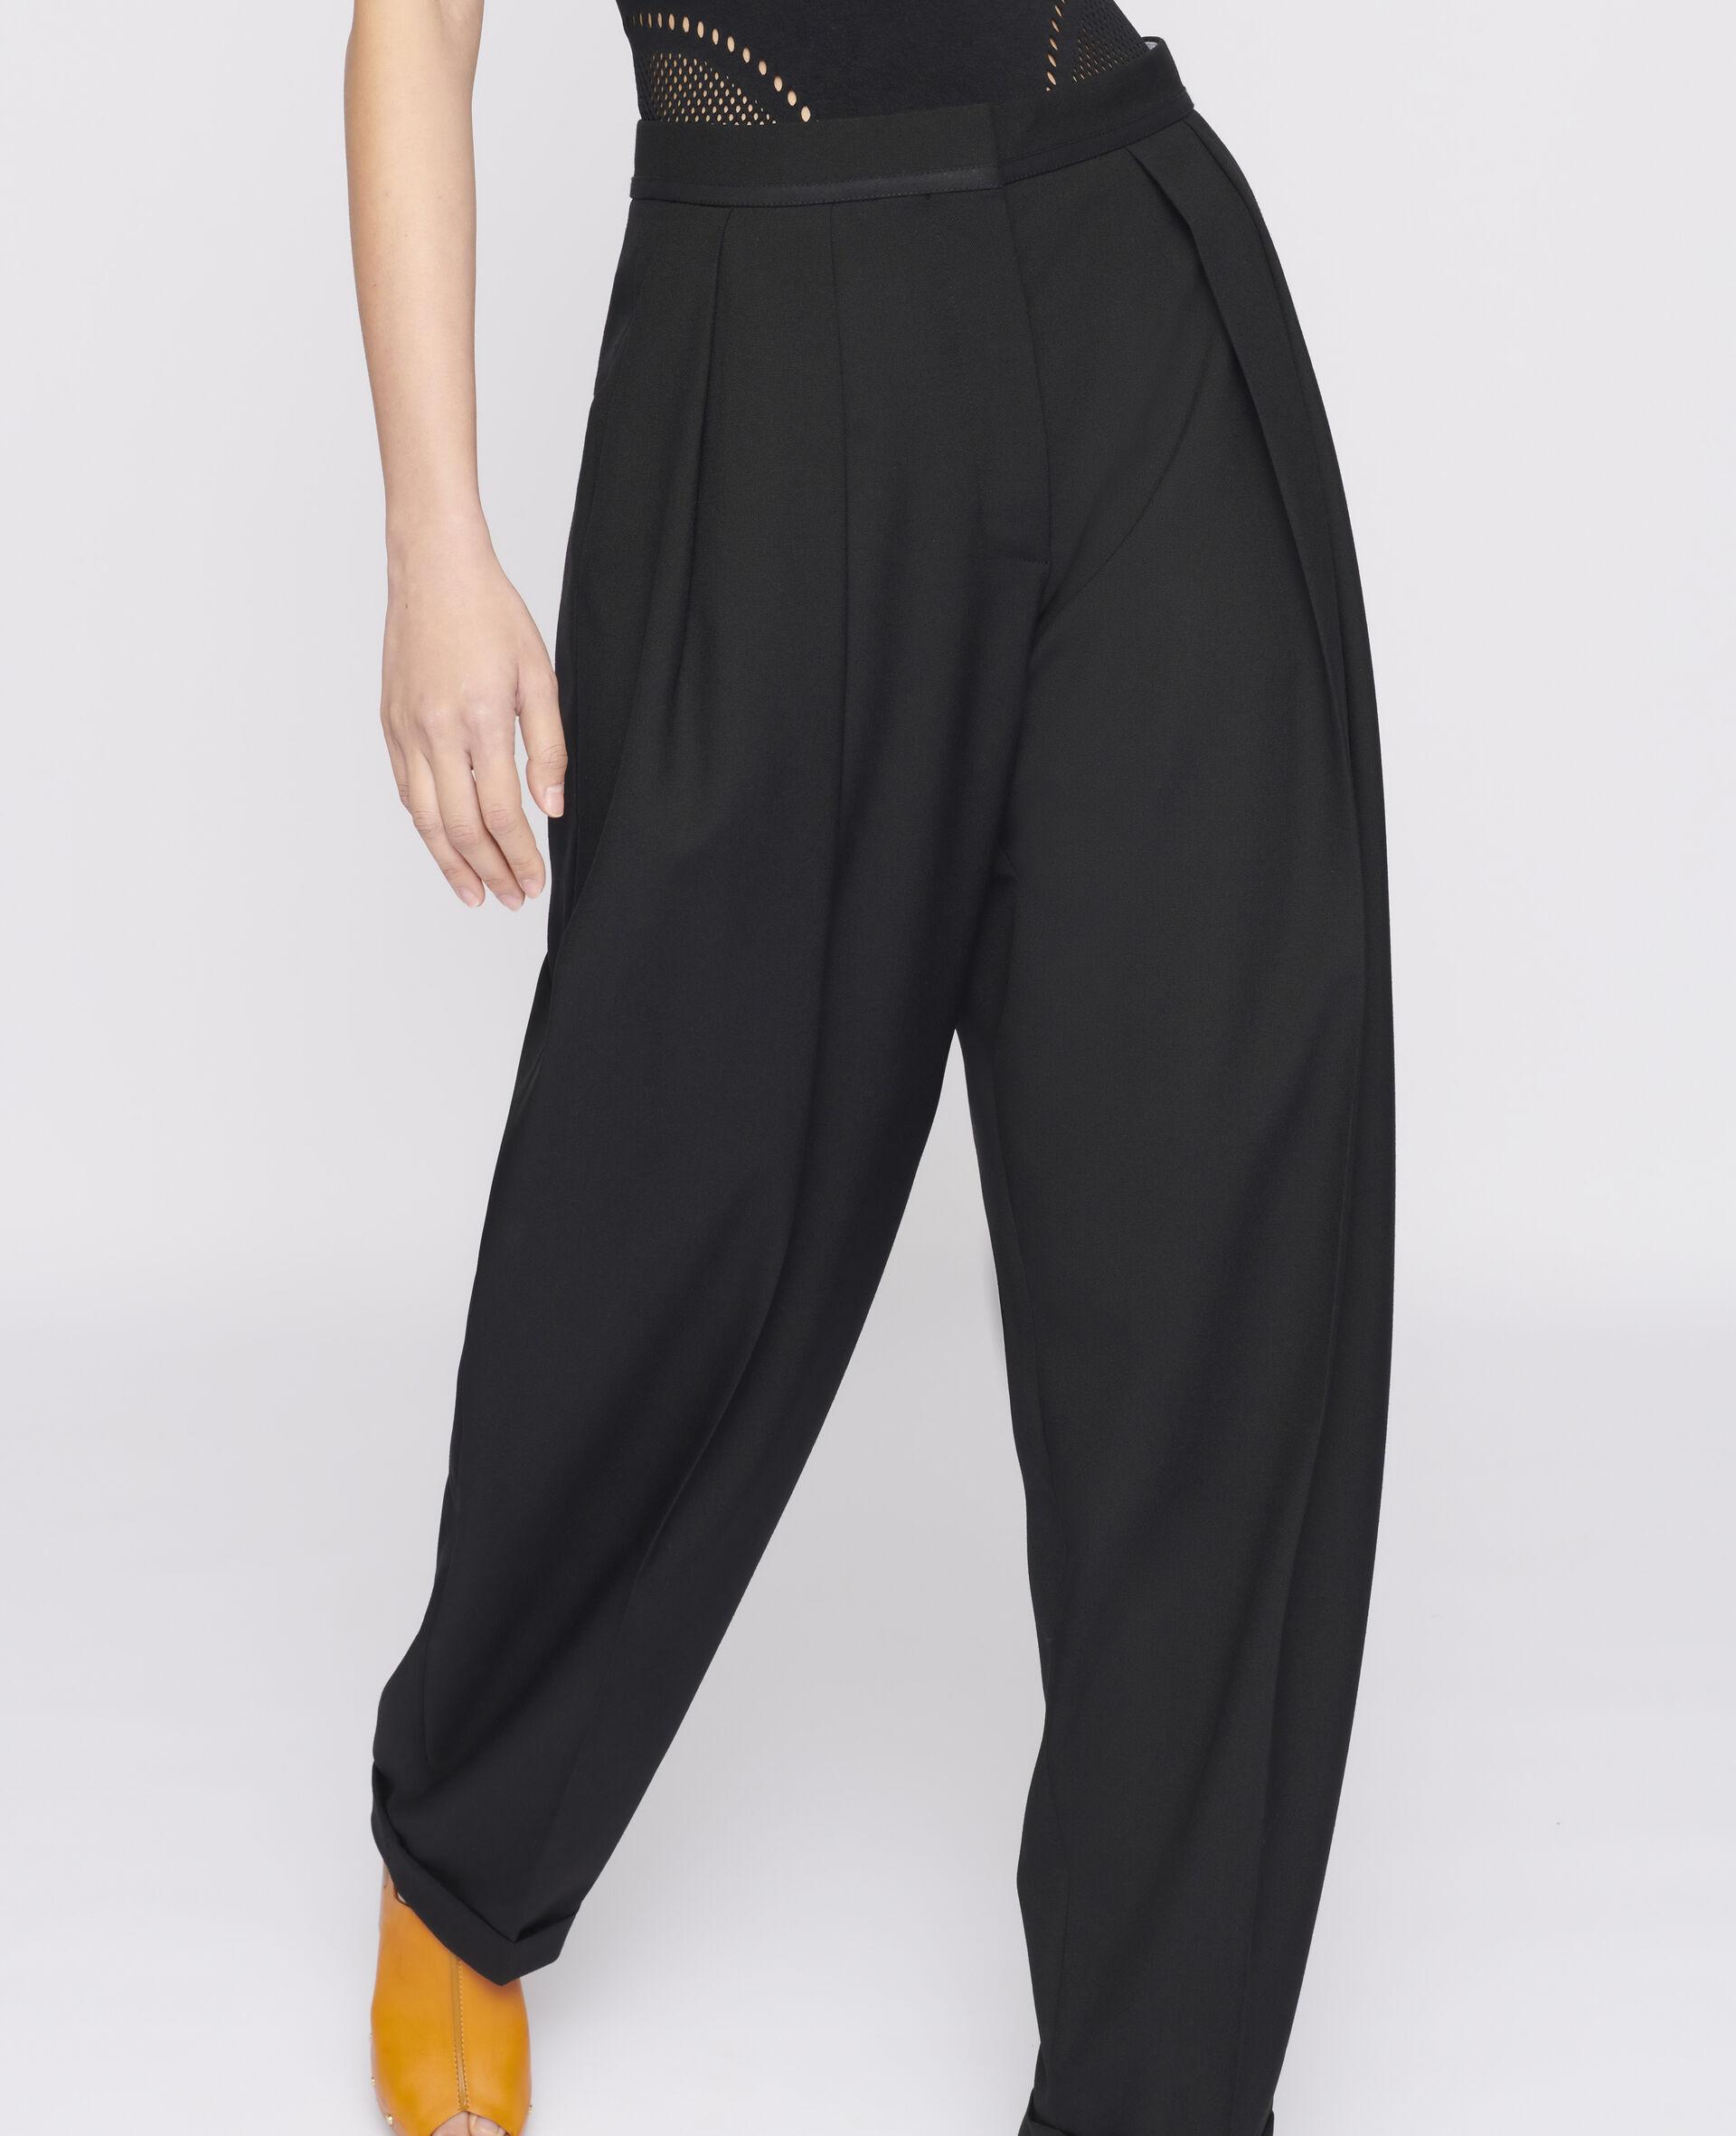 Deborah 羊毛裤装-黑色-large image number 3